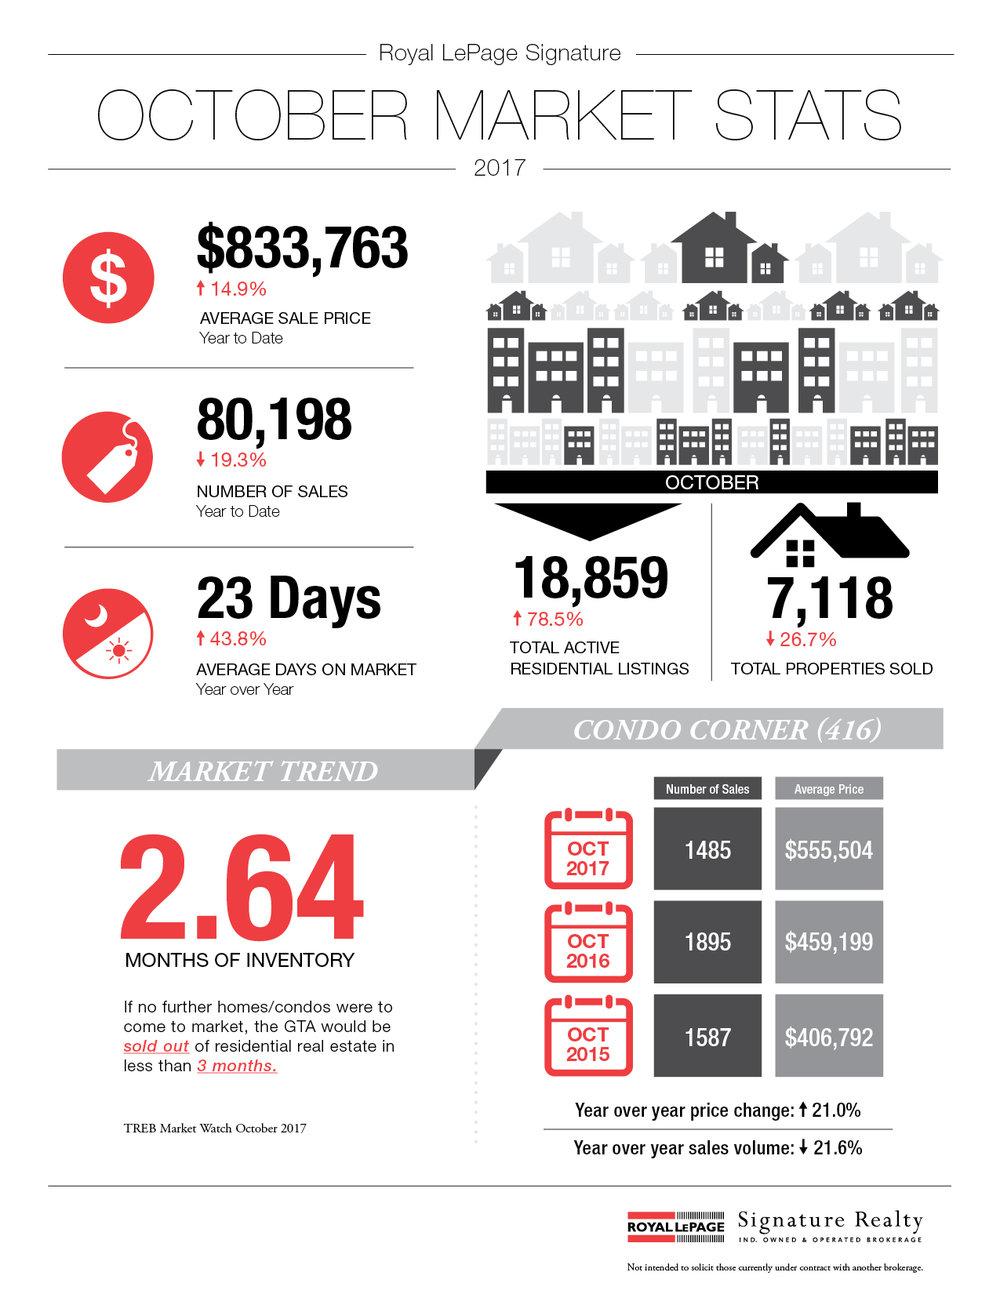 RLPS_Oct_Infographic_DT_Let_Nov3_2017.jpg